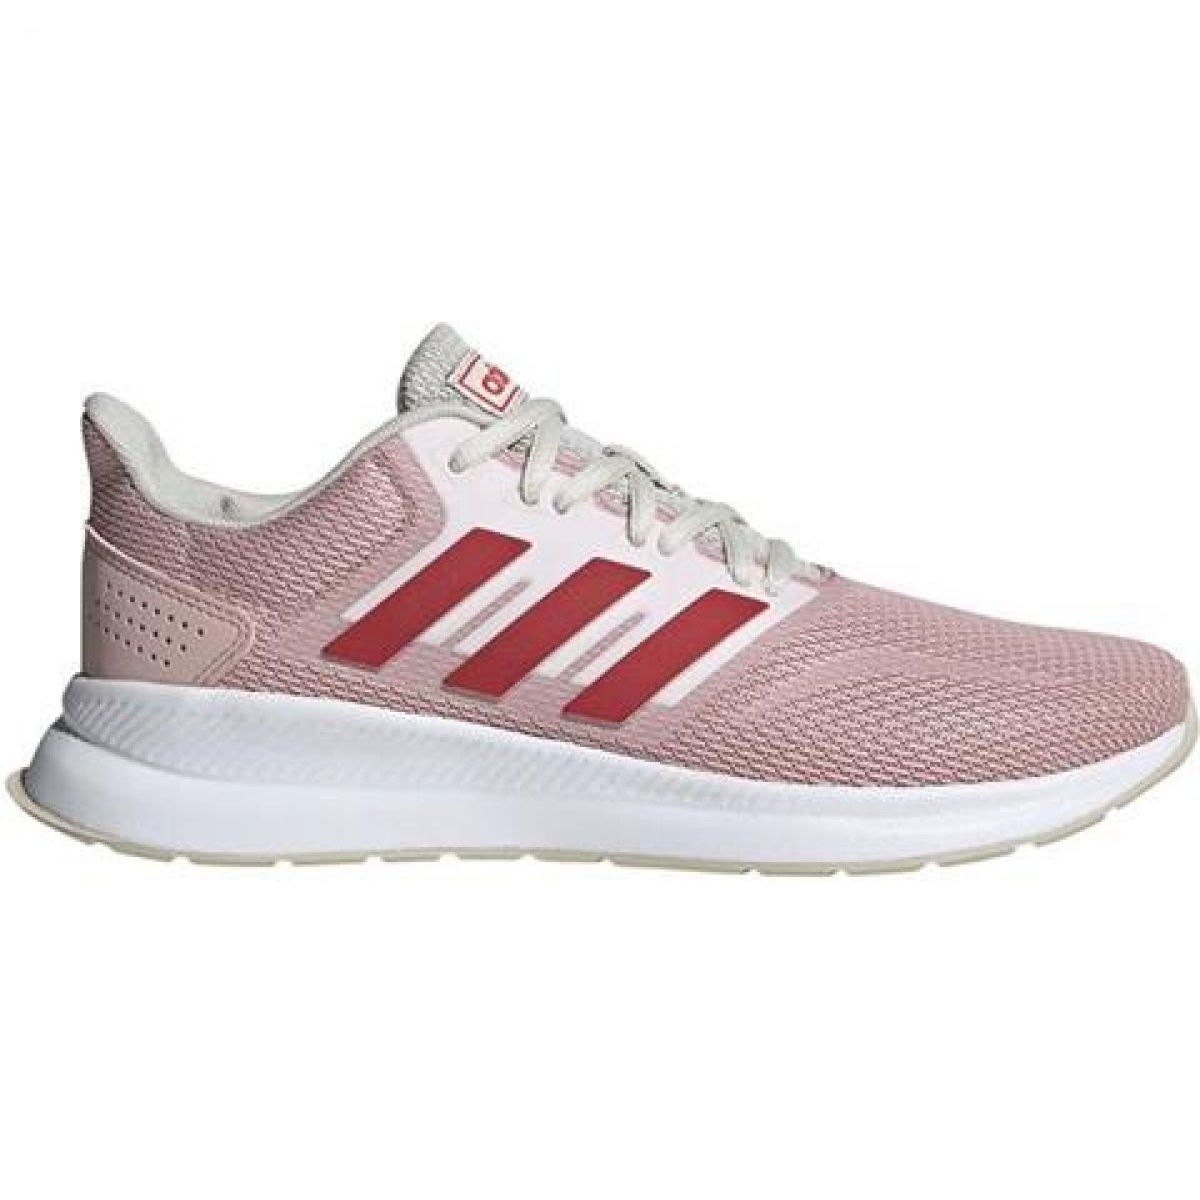 Adidas Runfalcon W EG8630 cipő